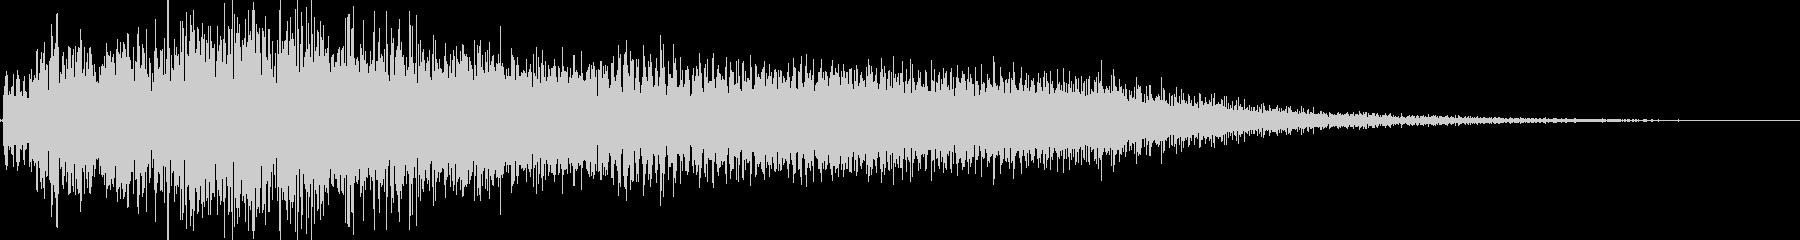 呪い魔法(邪悪なイメージ)の未再生の波形